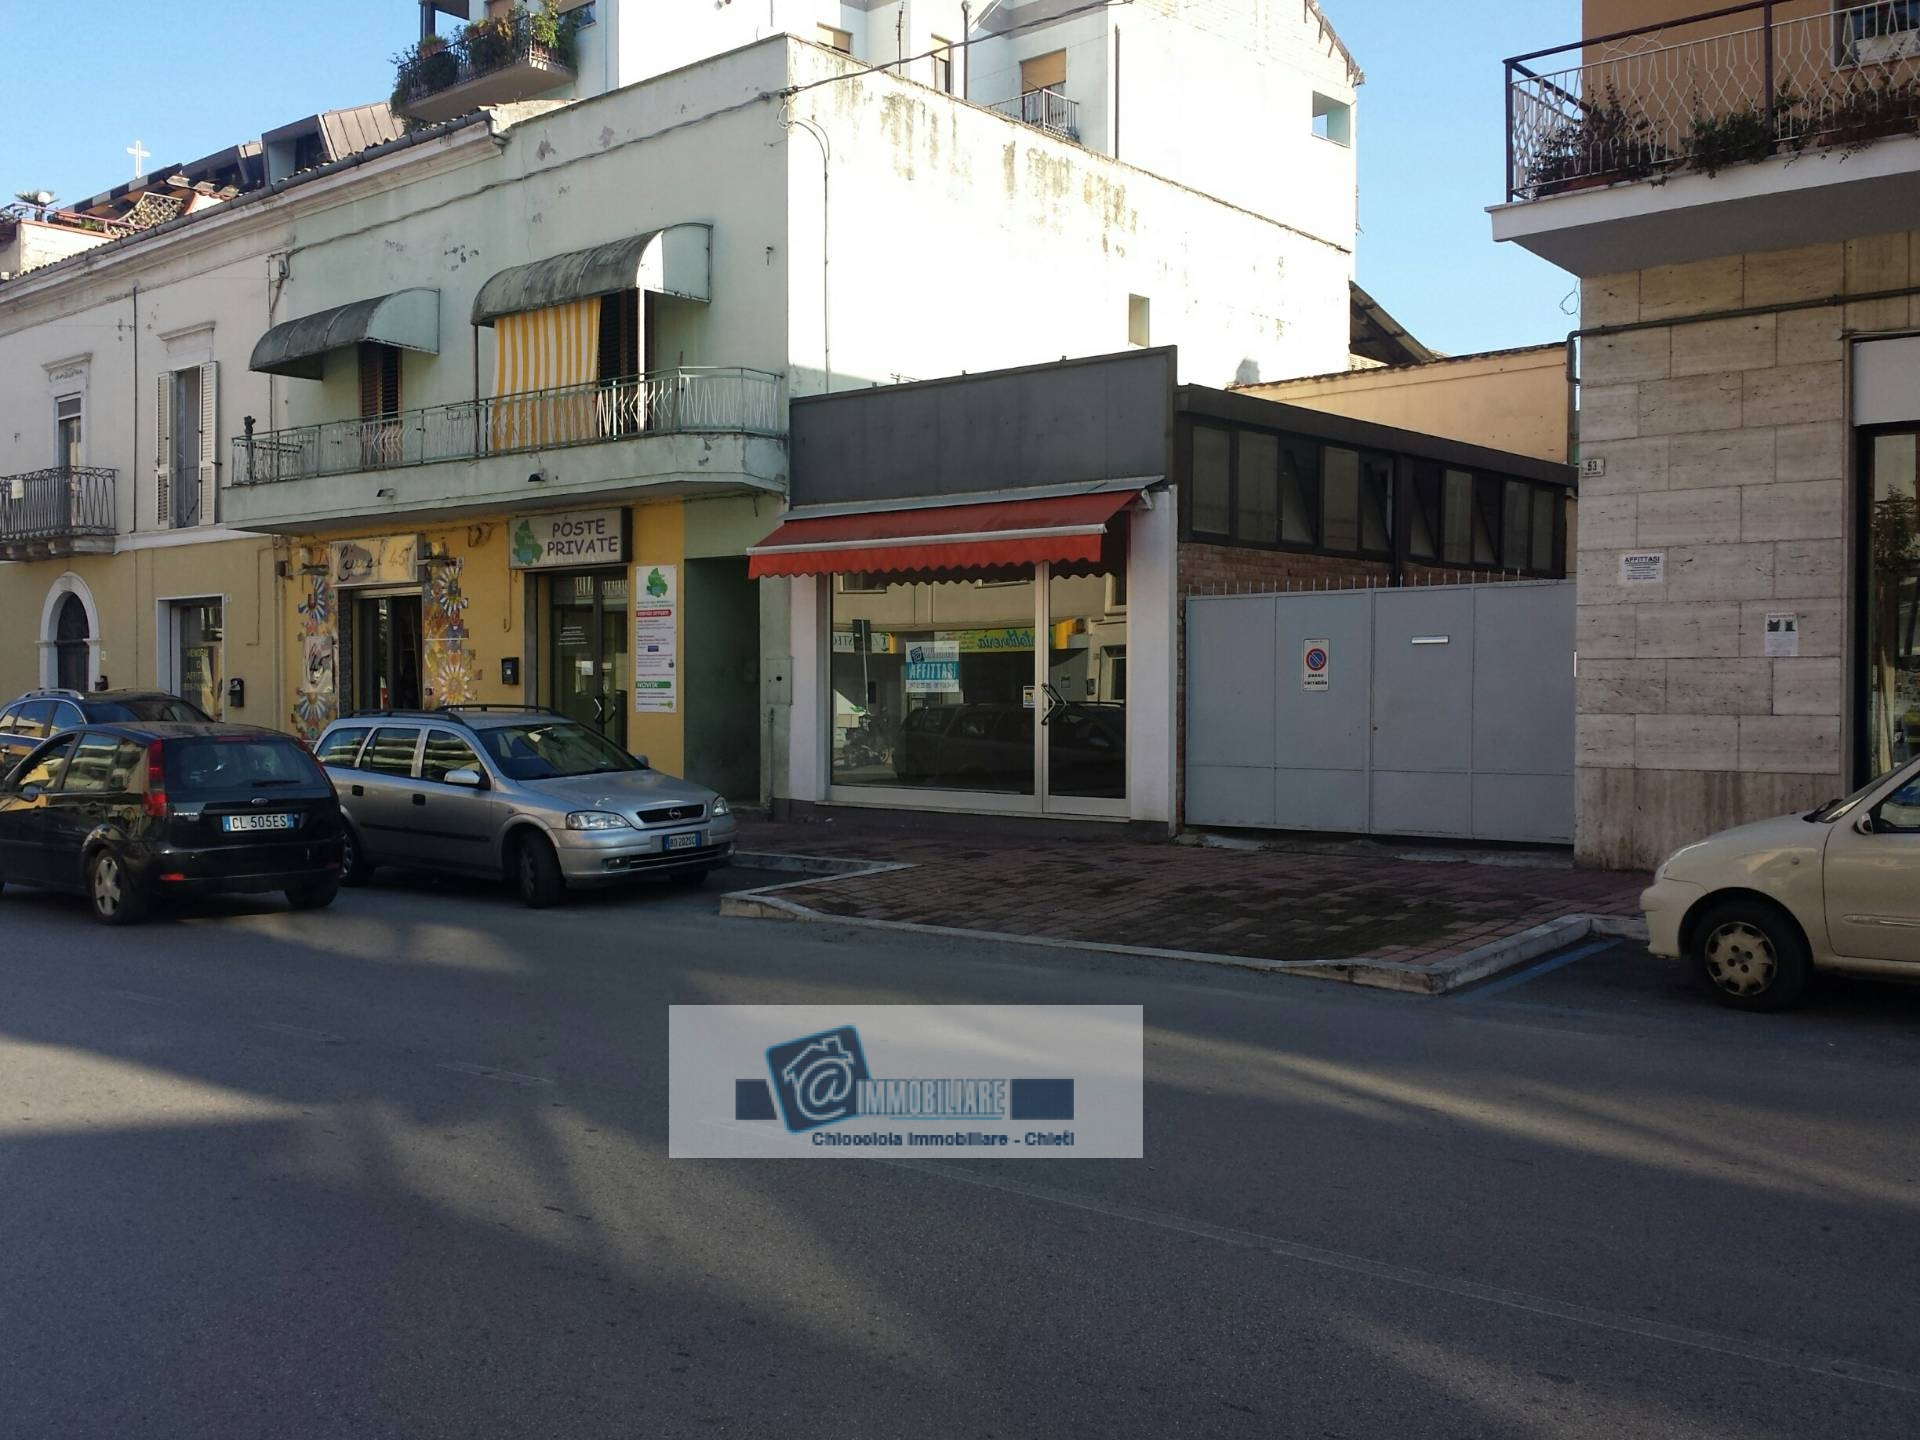 Negozio / Locale in affitto a Chieti, 9999 locali, zona Zona: Stadio , prezzo € 1.750 | Cambio Casa.it